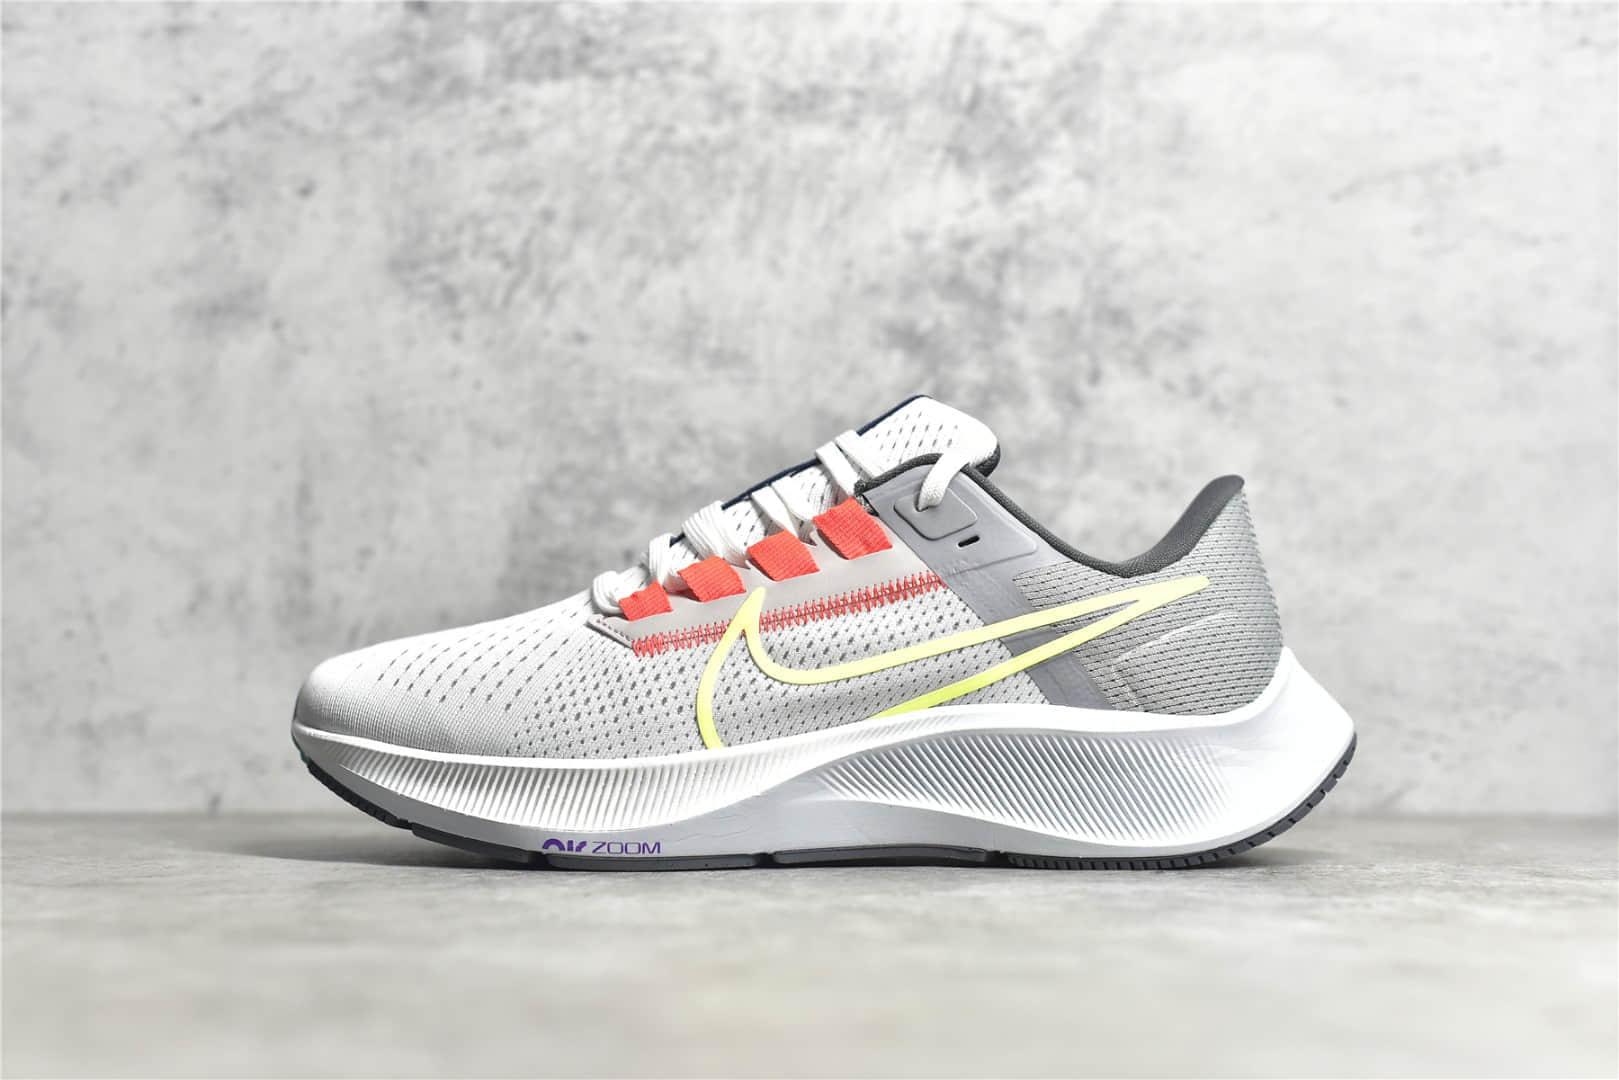 耐克登月38代阴阳轻跑鞋 Nike Zoom Pegasus 38 耐克登月网面跑鞋 耐克夏天跑鞋 货号:DJ3128-001-潮流者之家